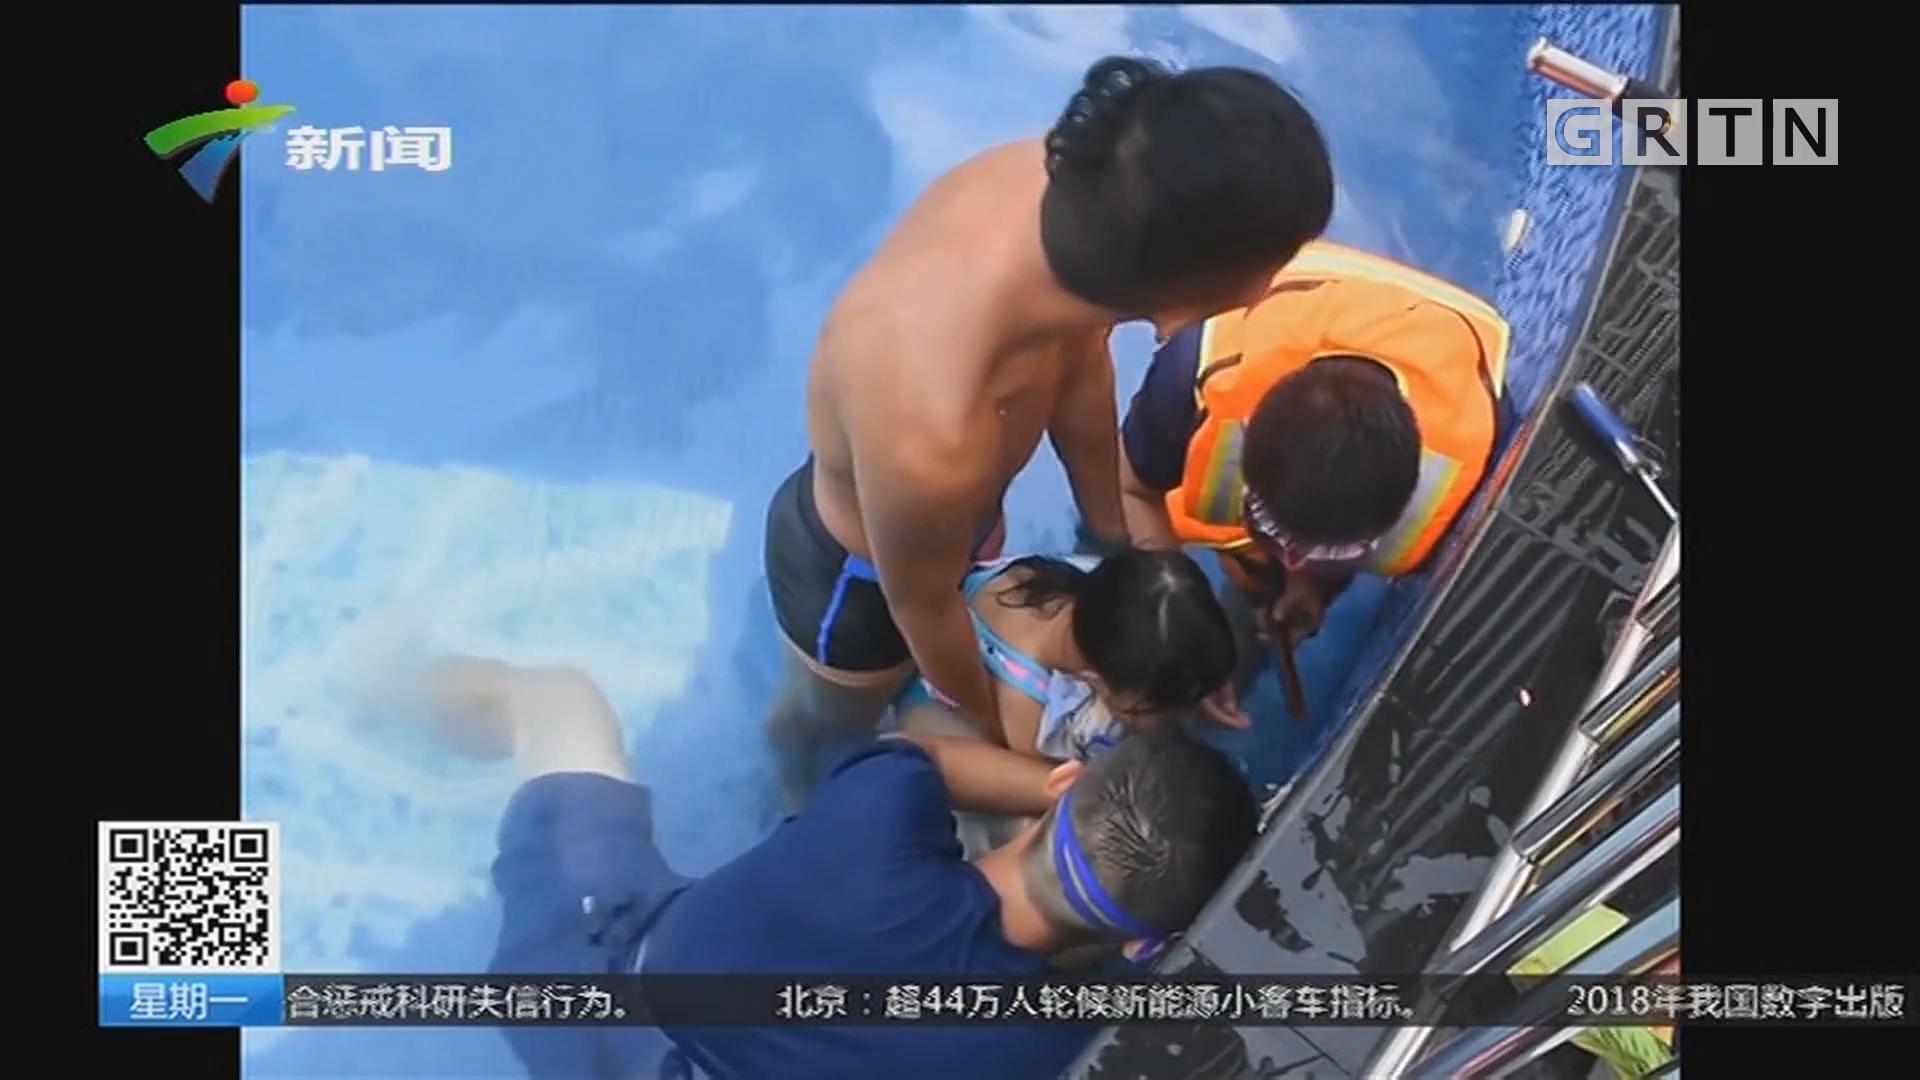 关注暑期儿童安全:阳江:泳池吸水口吸住女孩右手 消防紧急救援